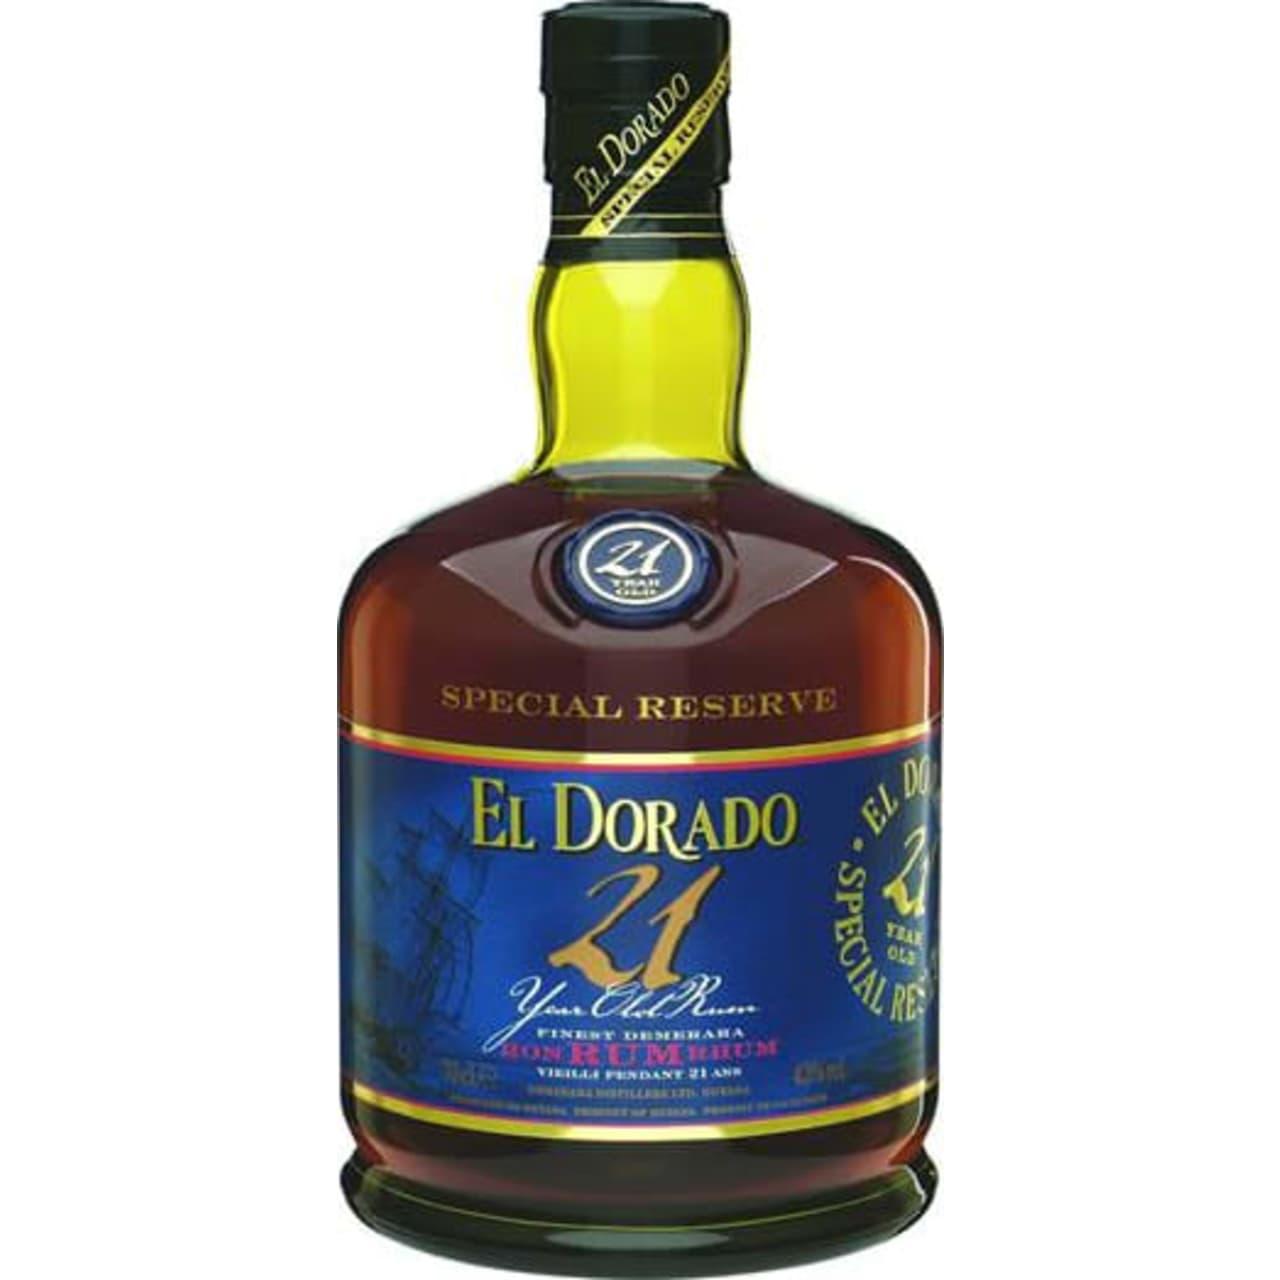 Product Image - El Dorado 21yo Special Reserve Rum